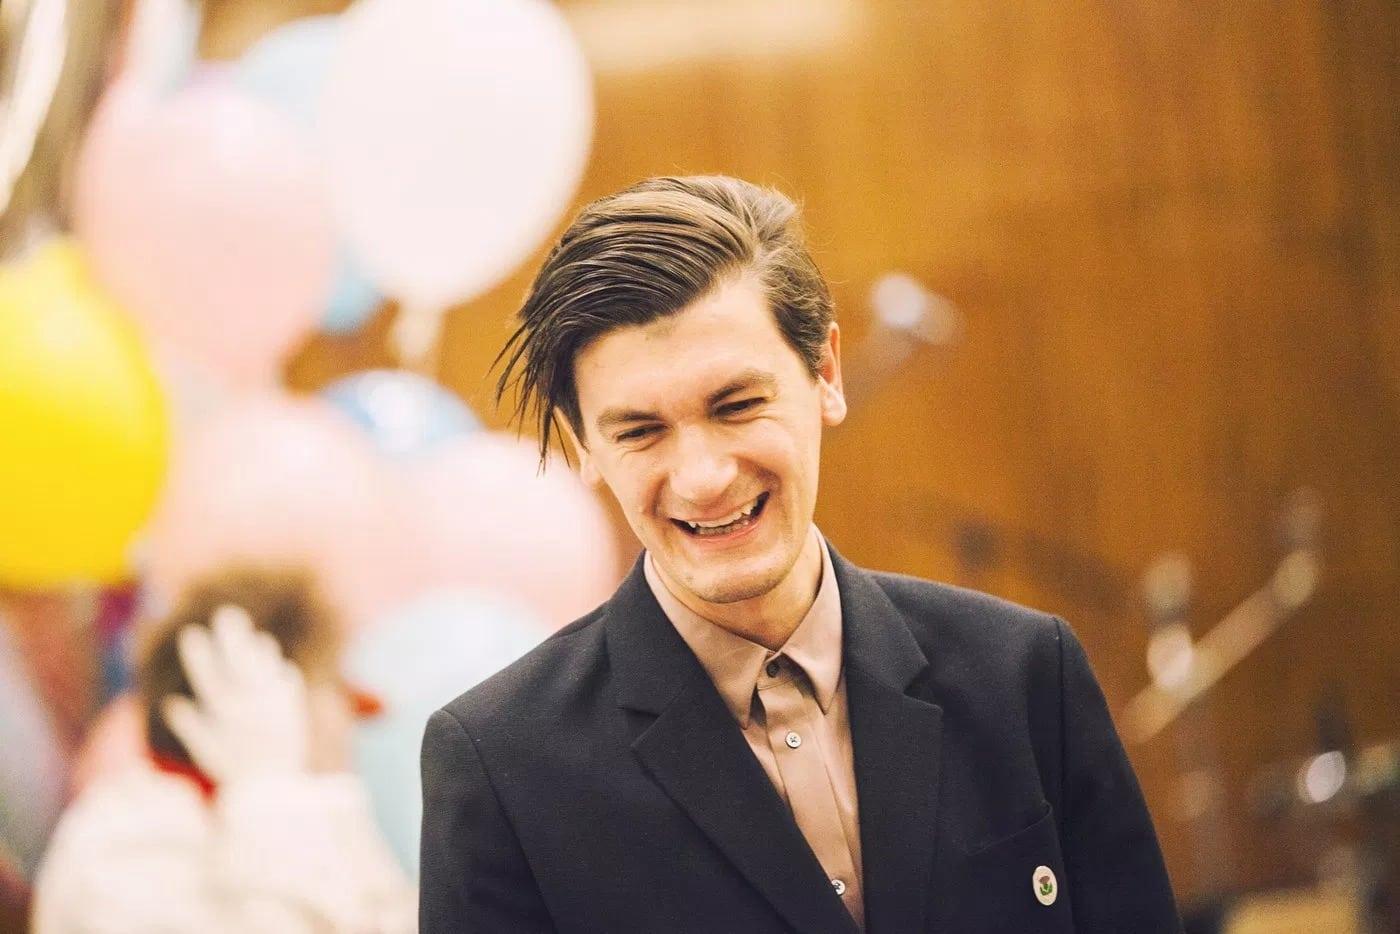 Александр Гудков, фото с обручальным кольцом, инстаграм: тайно женился или нет, кто невеста Гудкова